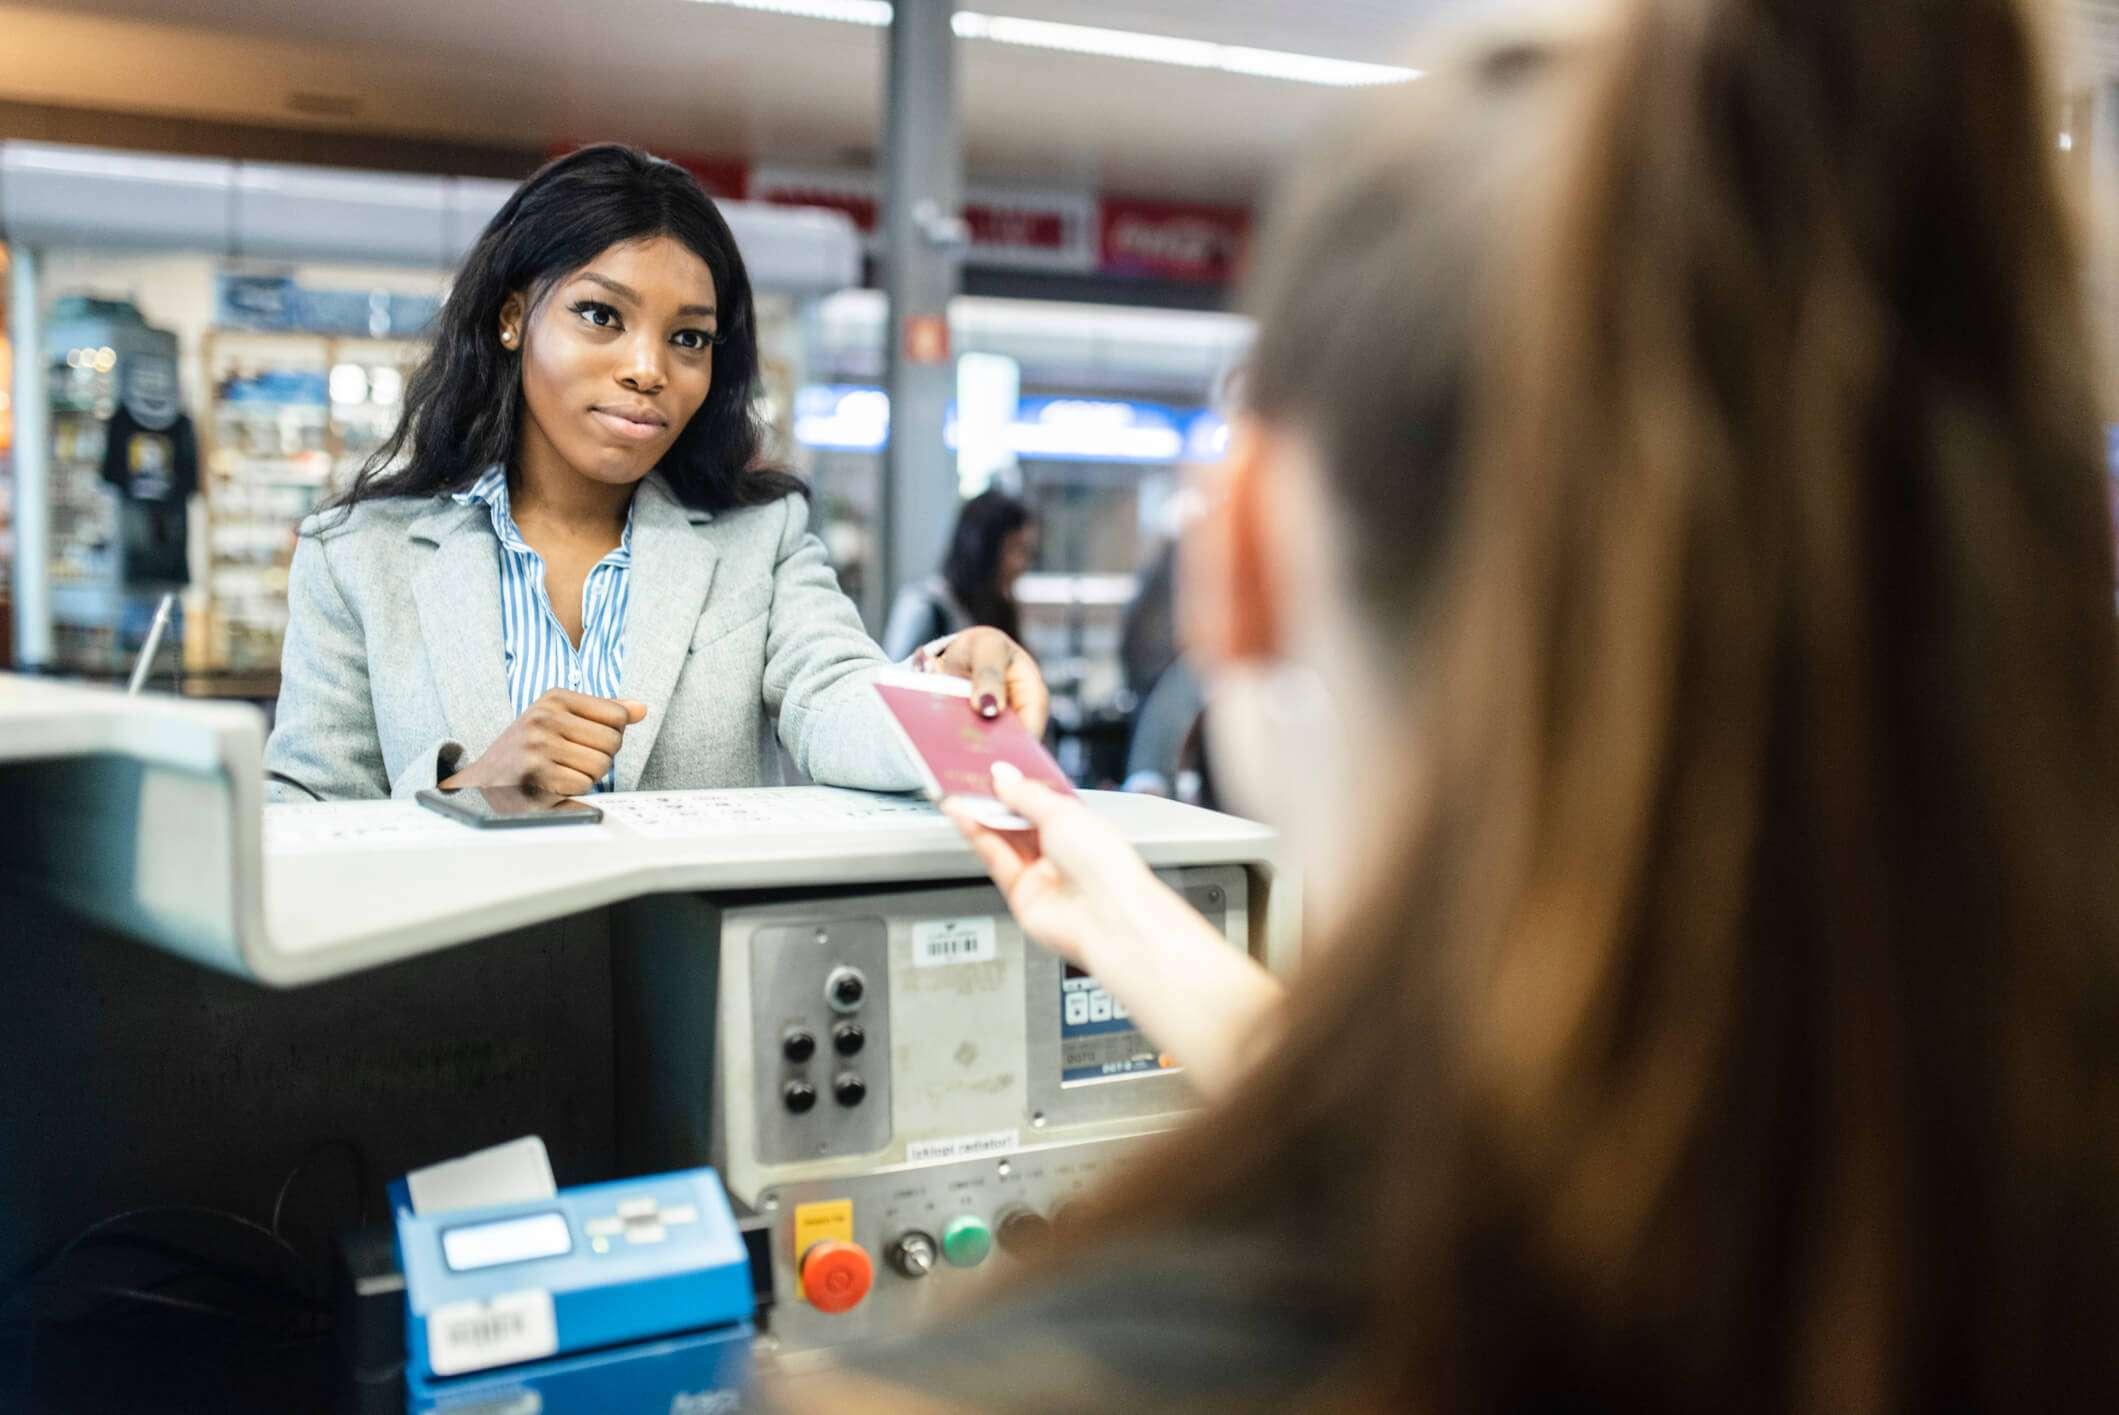 Qual é o processo de imigração adotado nos aeroportos do EUA?